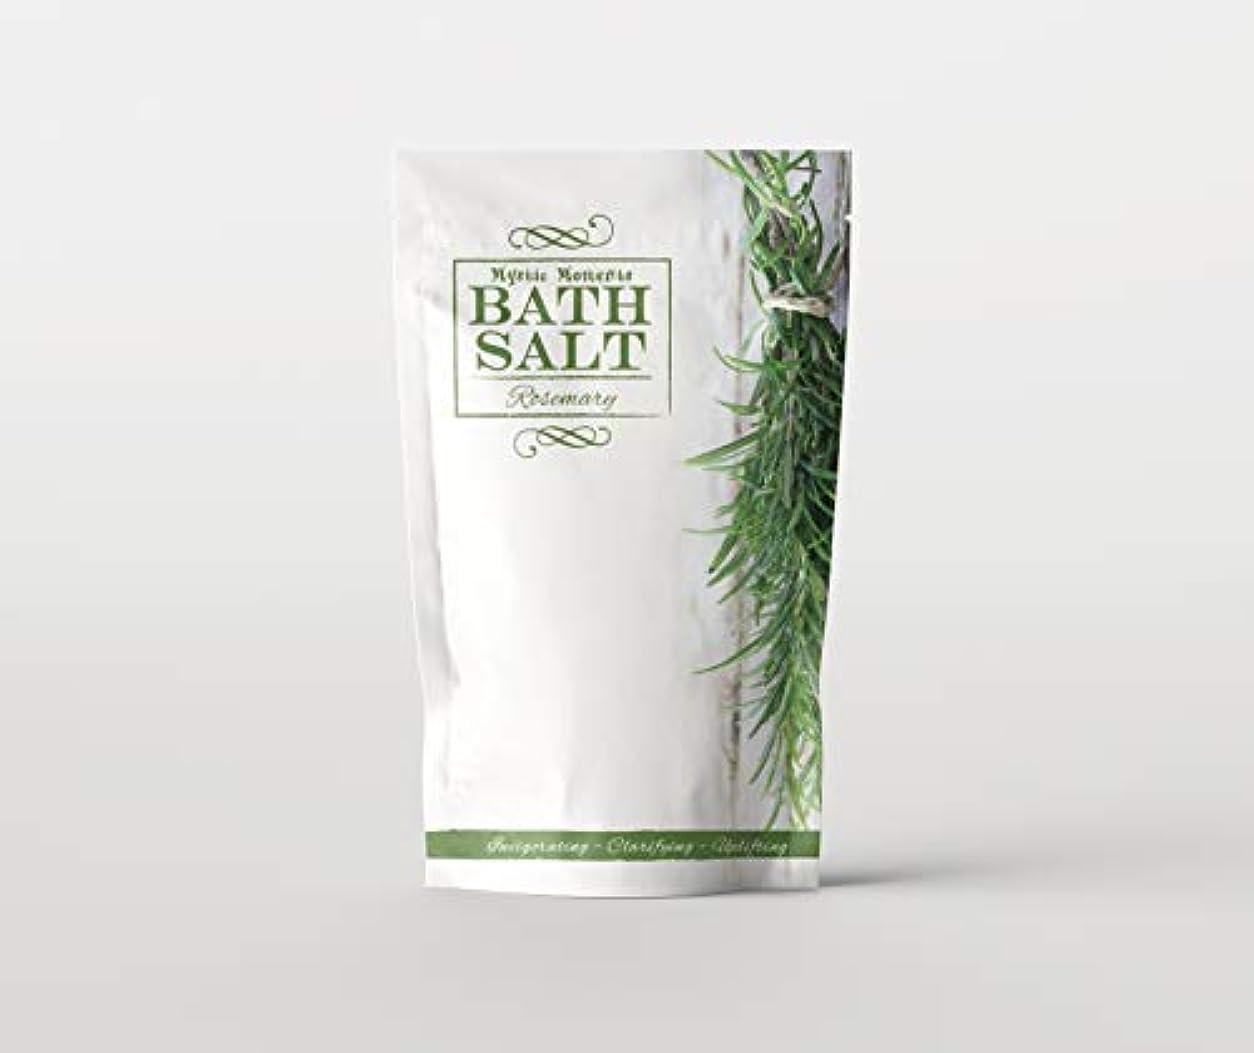 スイかわいらしい病弱Bath Salt - Rosemary - 5Kg